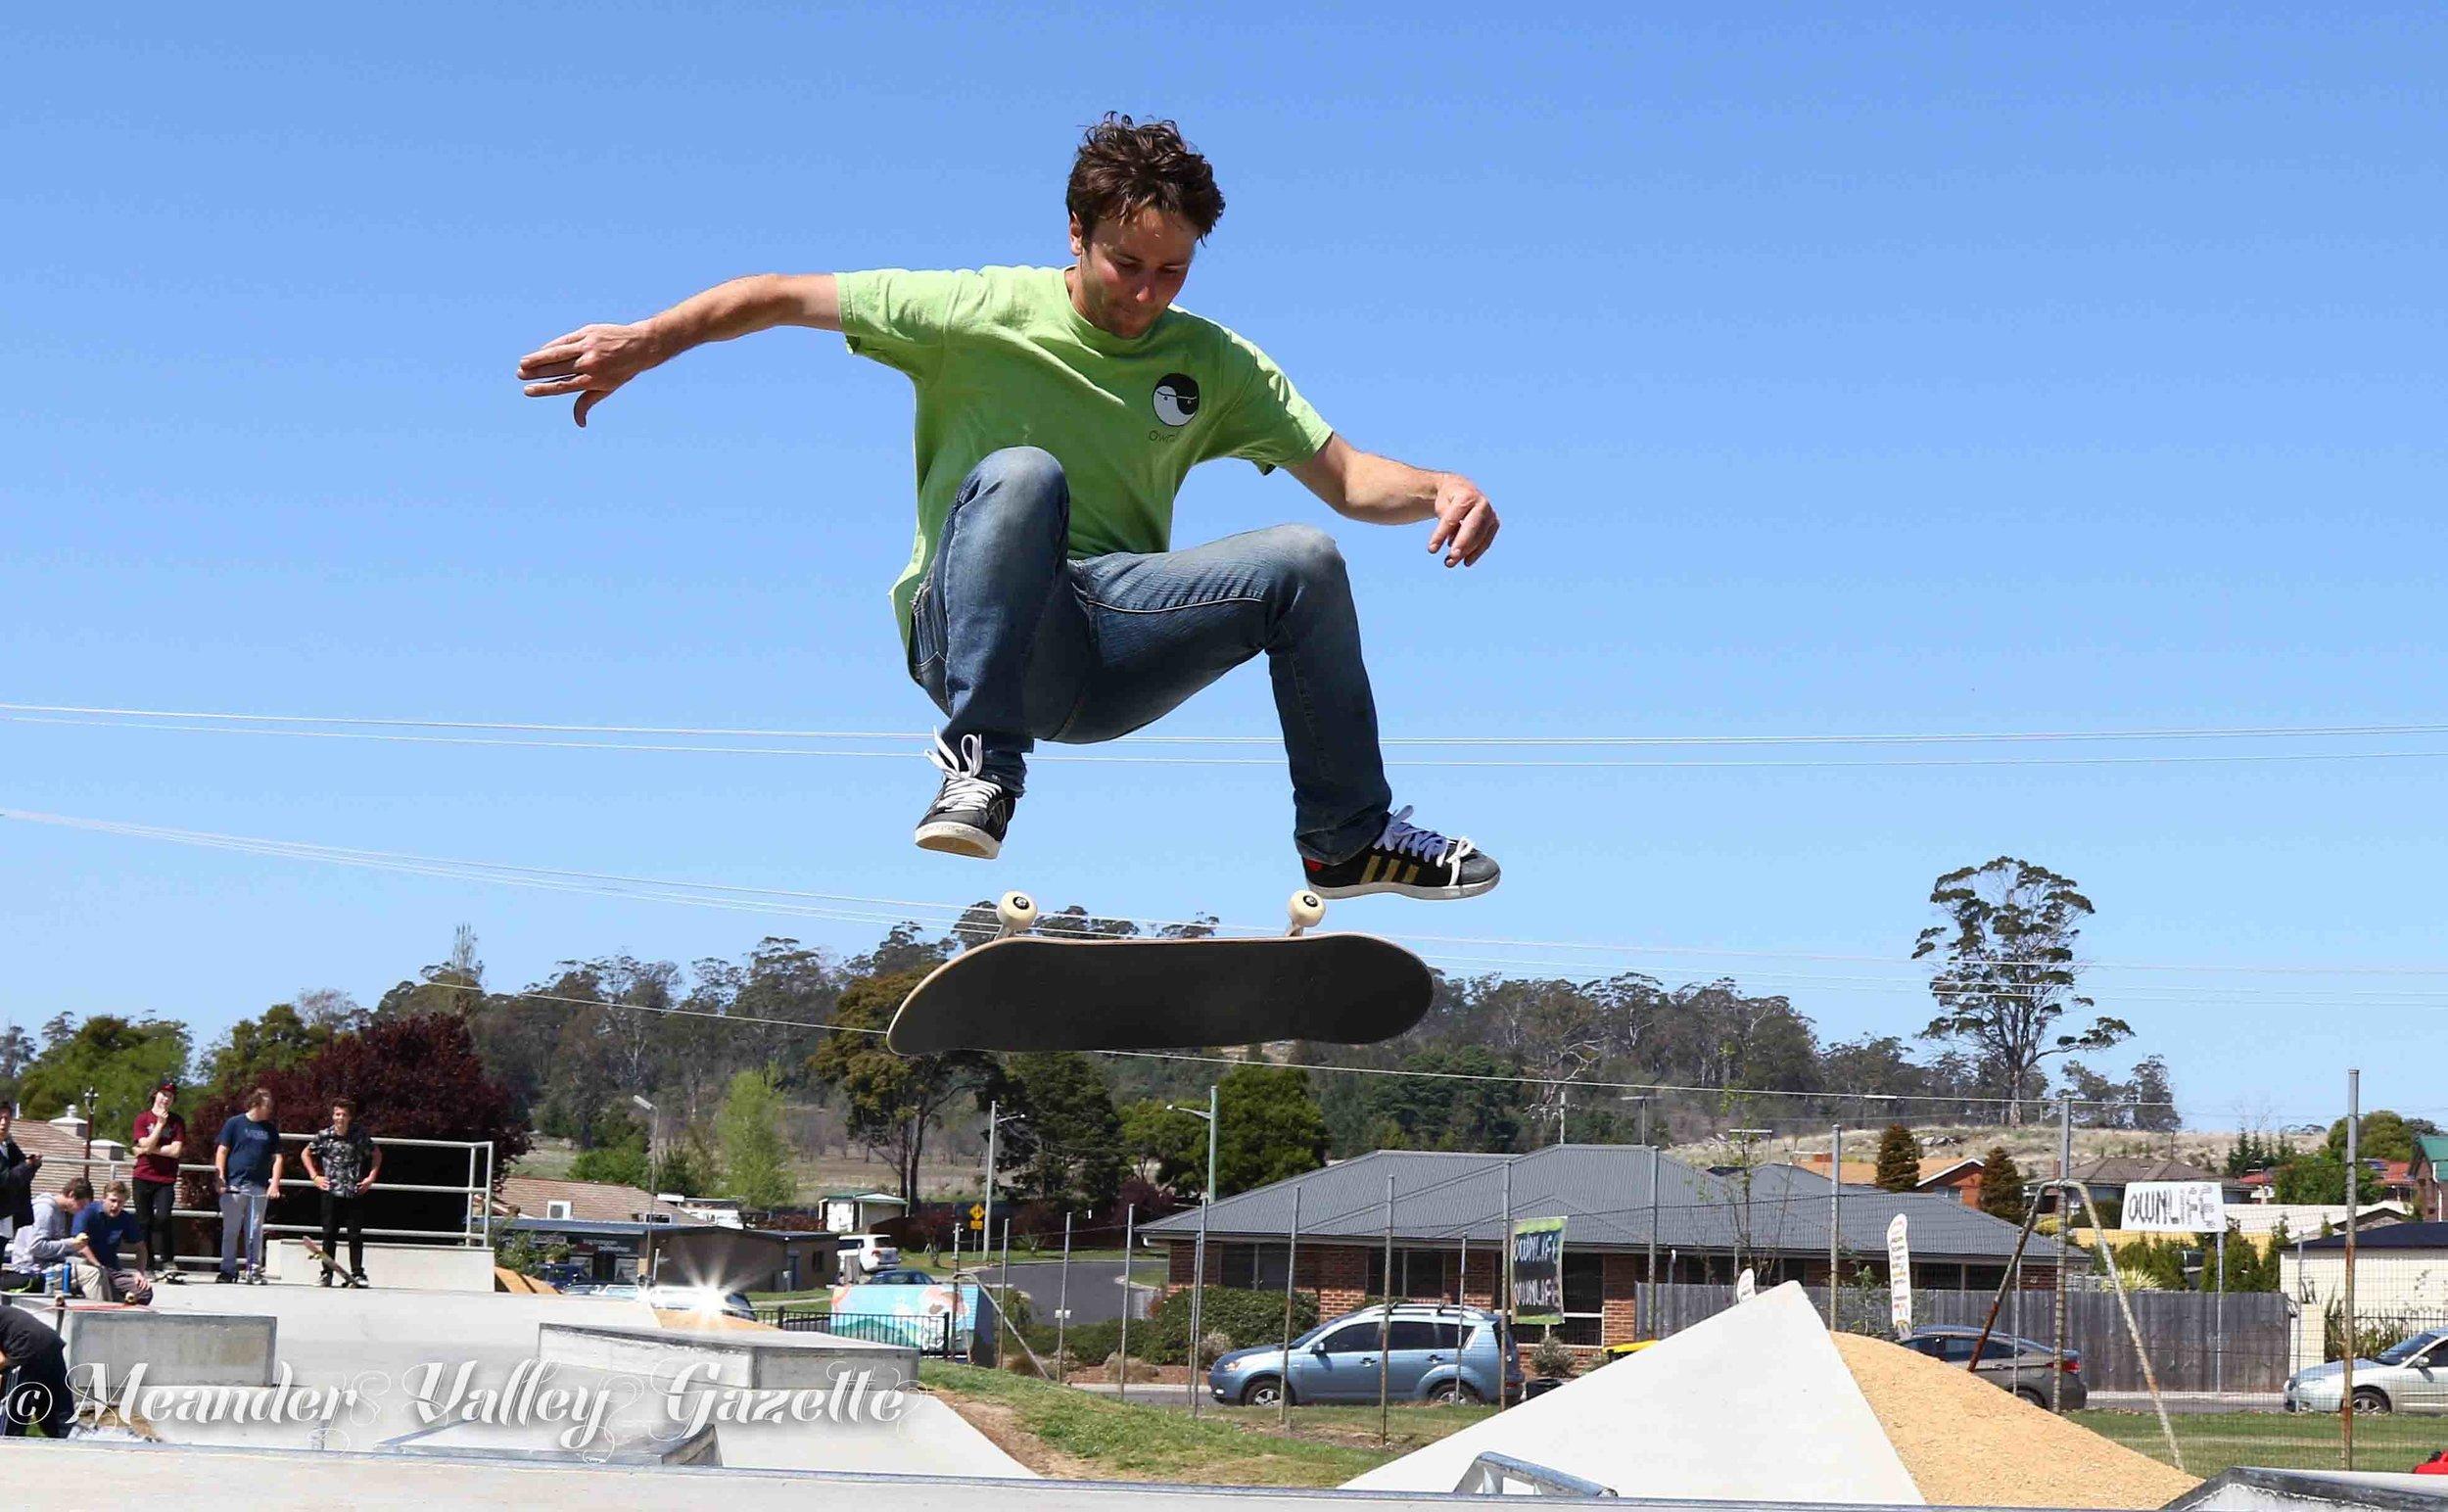 Richard Flude Ownlife skateboarding workshop at Hadspen skatepark cropped